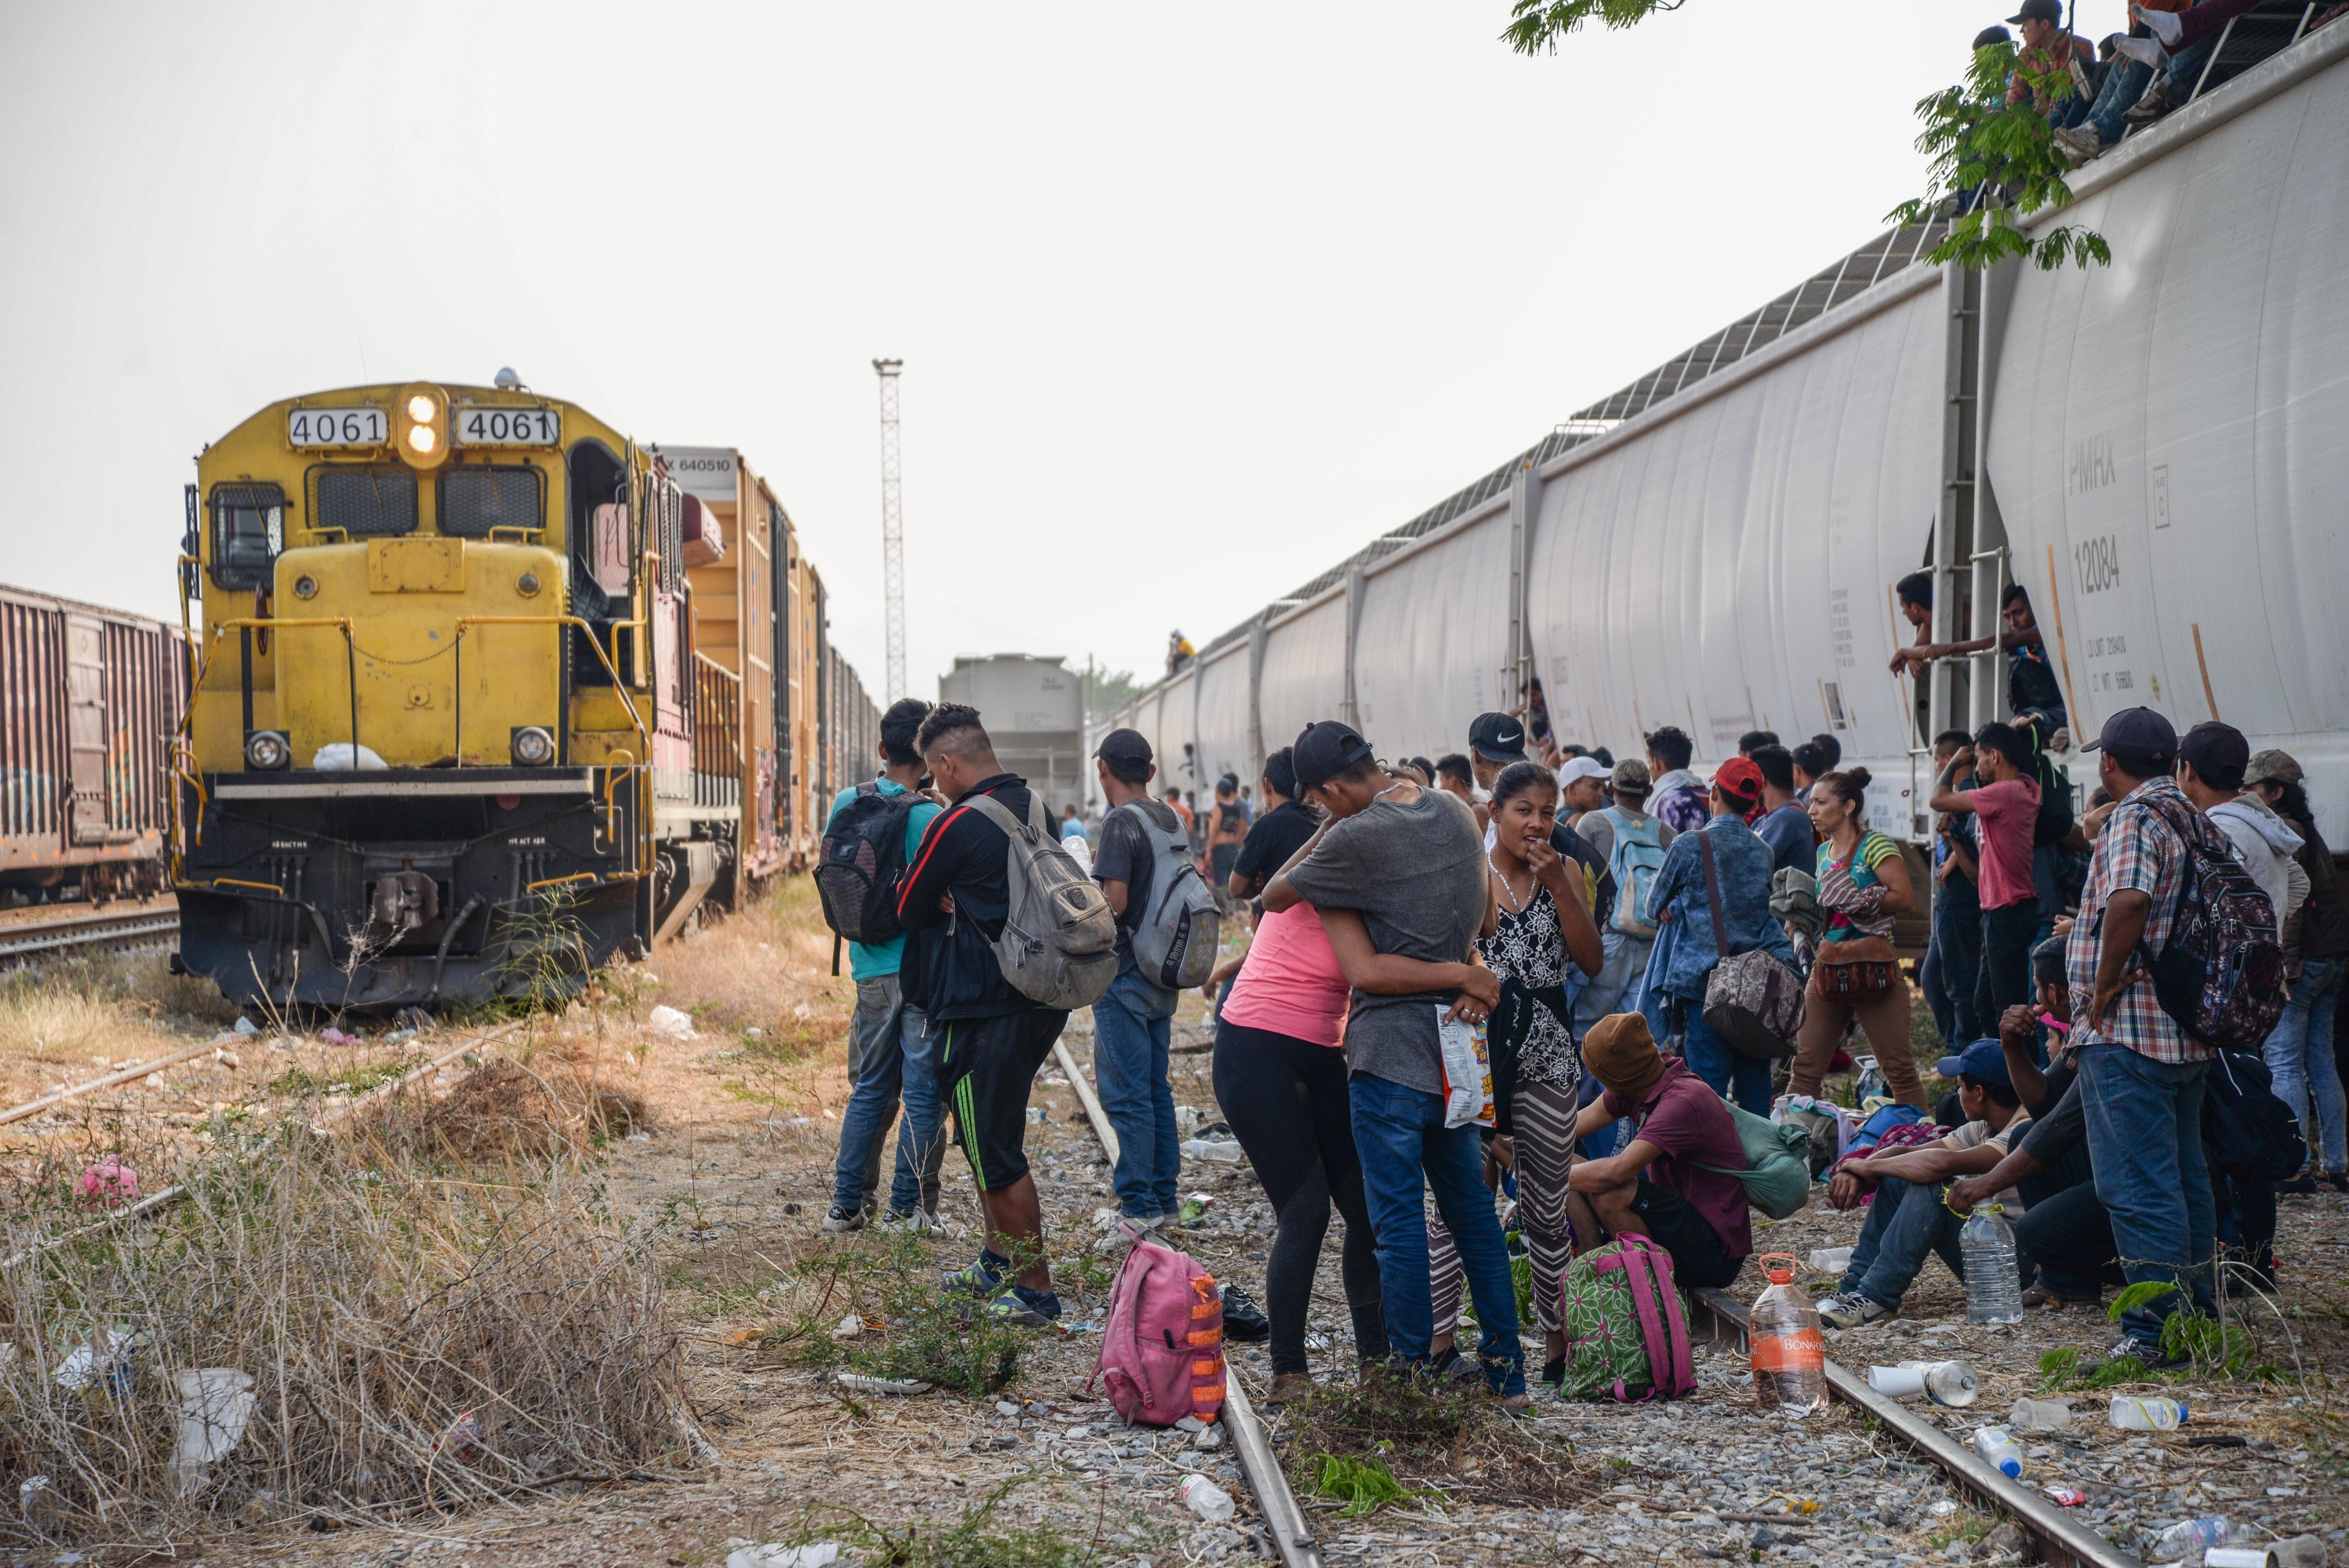 Dona Papa Francisco recursos para migrantes en México